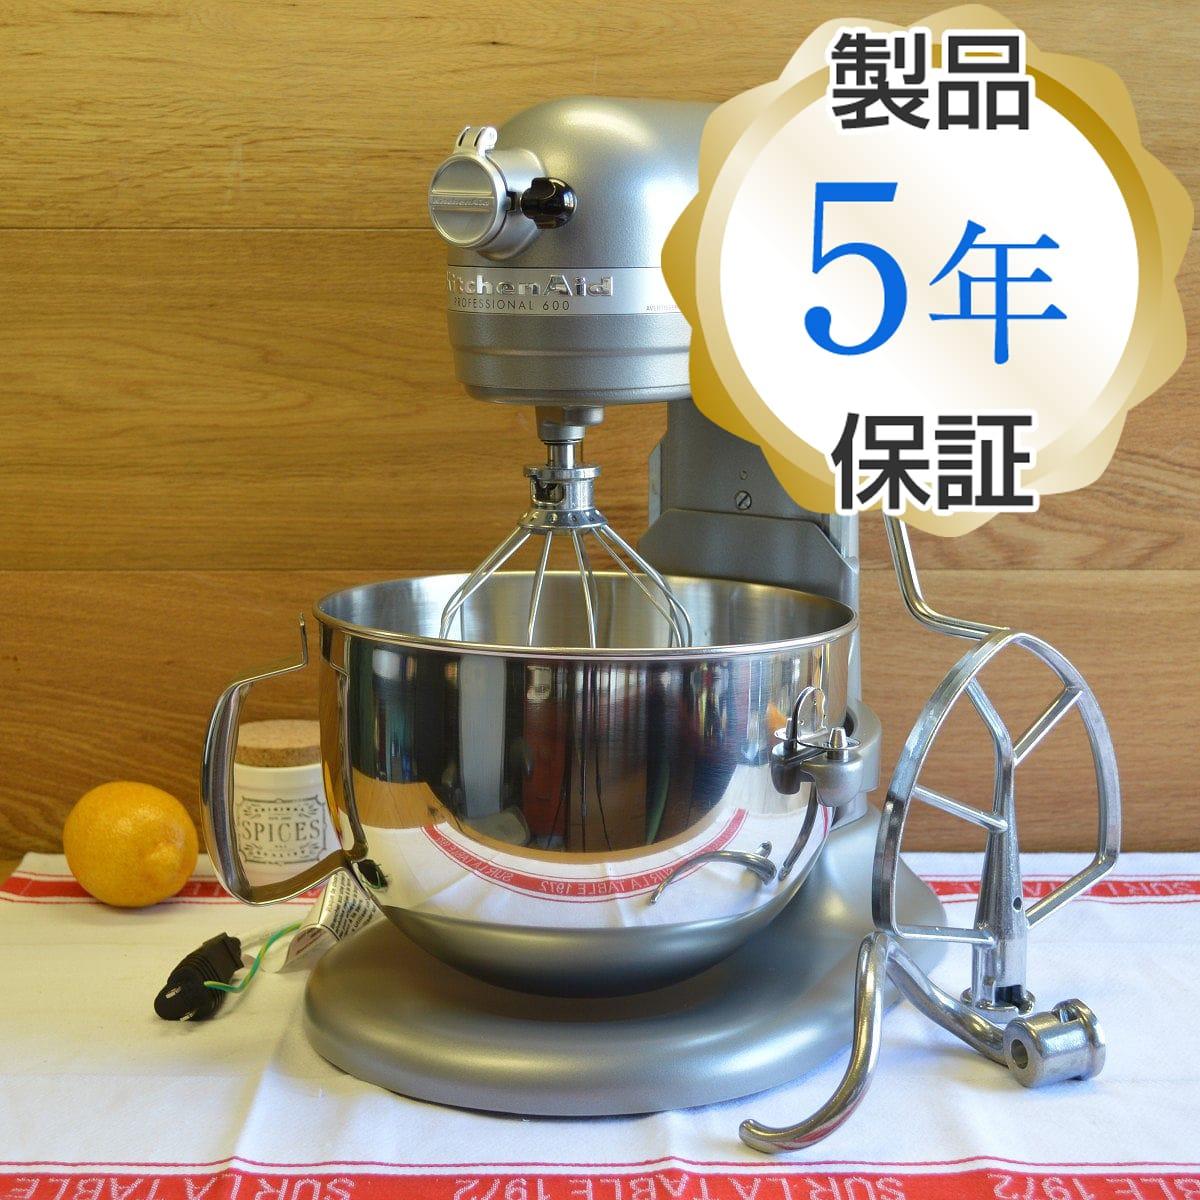 キッチンエイド スタンドミキサー プロフェッショナル 600 5.8L シルバー KitchenAid Stand Mixer KP26M1XSL Silver【日本語説明書付】